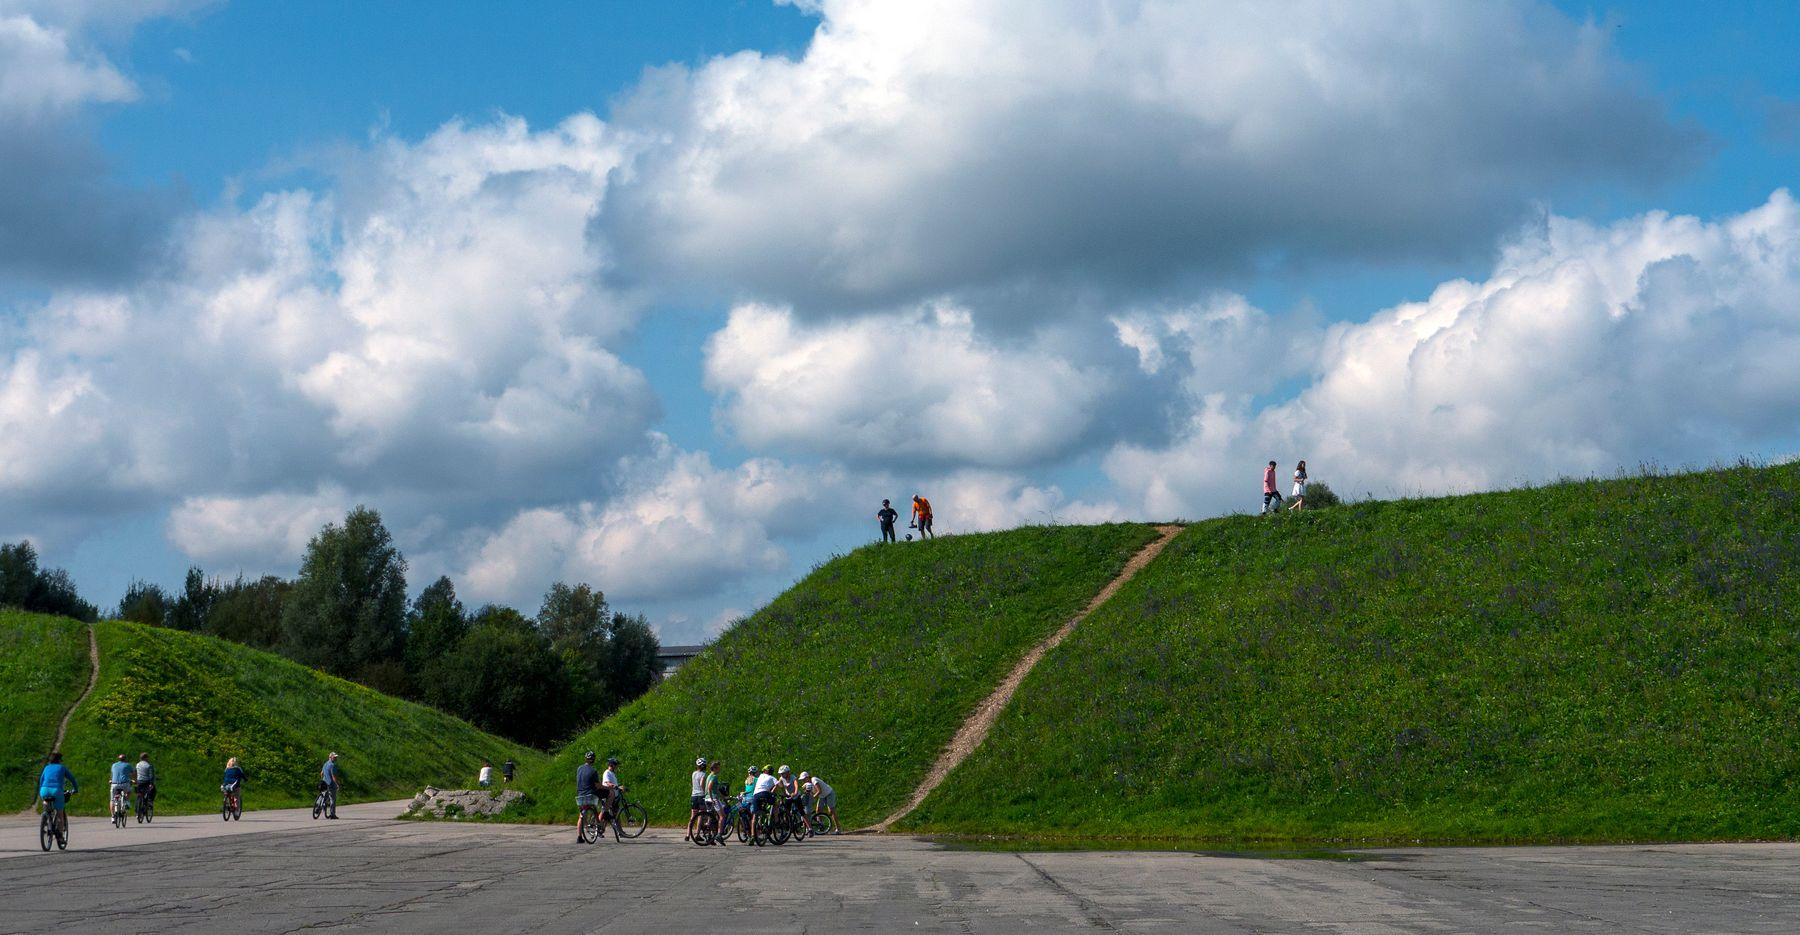 *** воскресный день солнечный велосипедисты